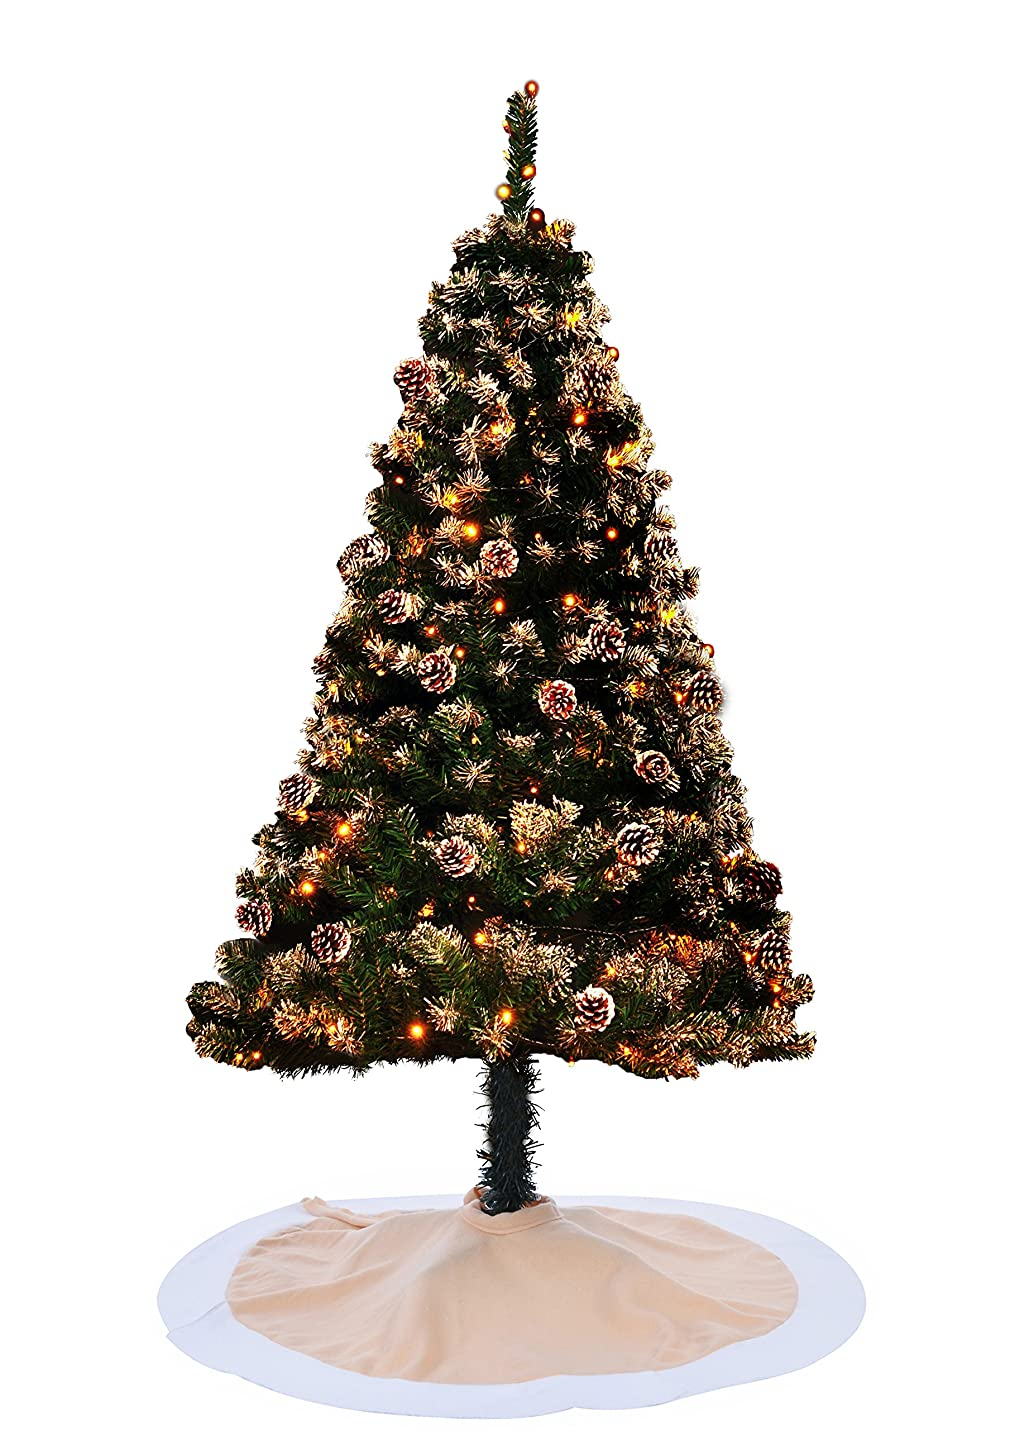 左日促すXmas クリスマスツリー 150cm Christmas tree グリーン 松かさ本物 ツリー 黄色LED イルミネーション ツリースカート付き HIMOE